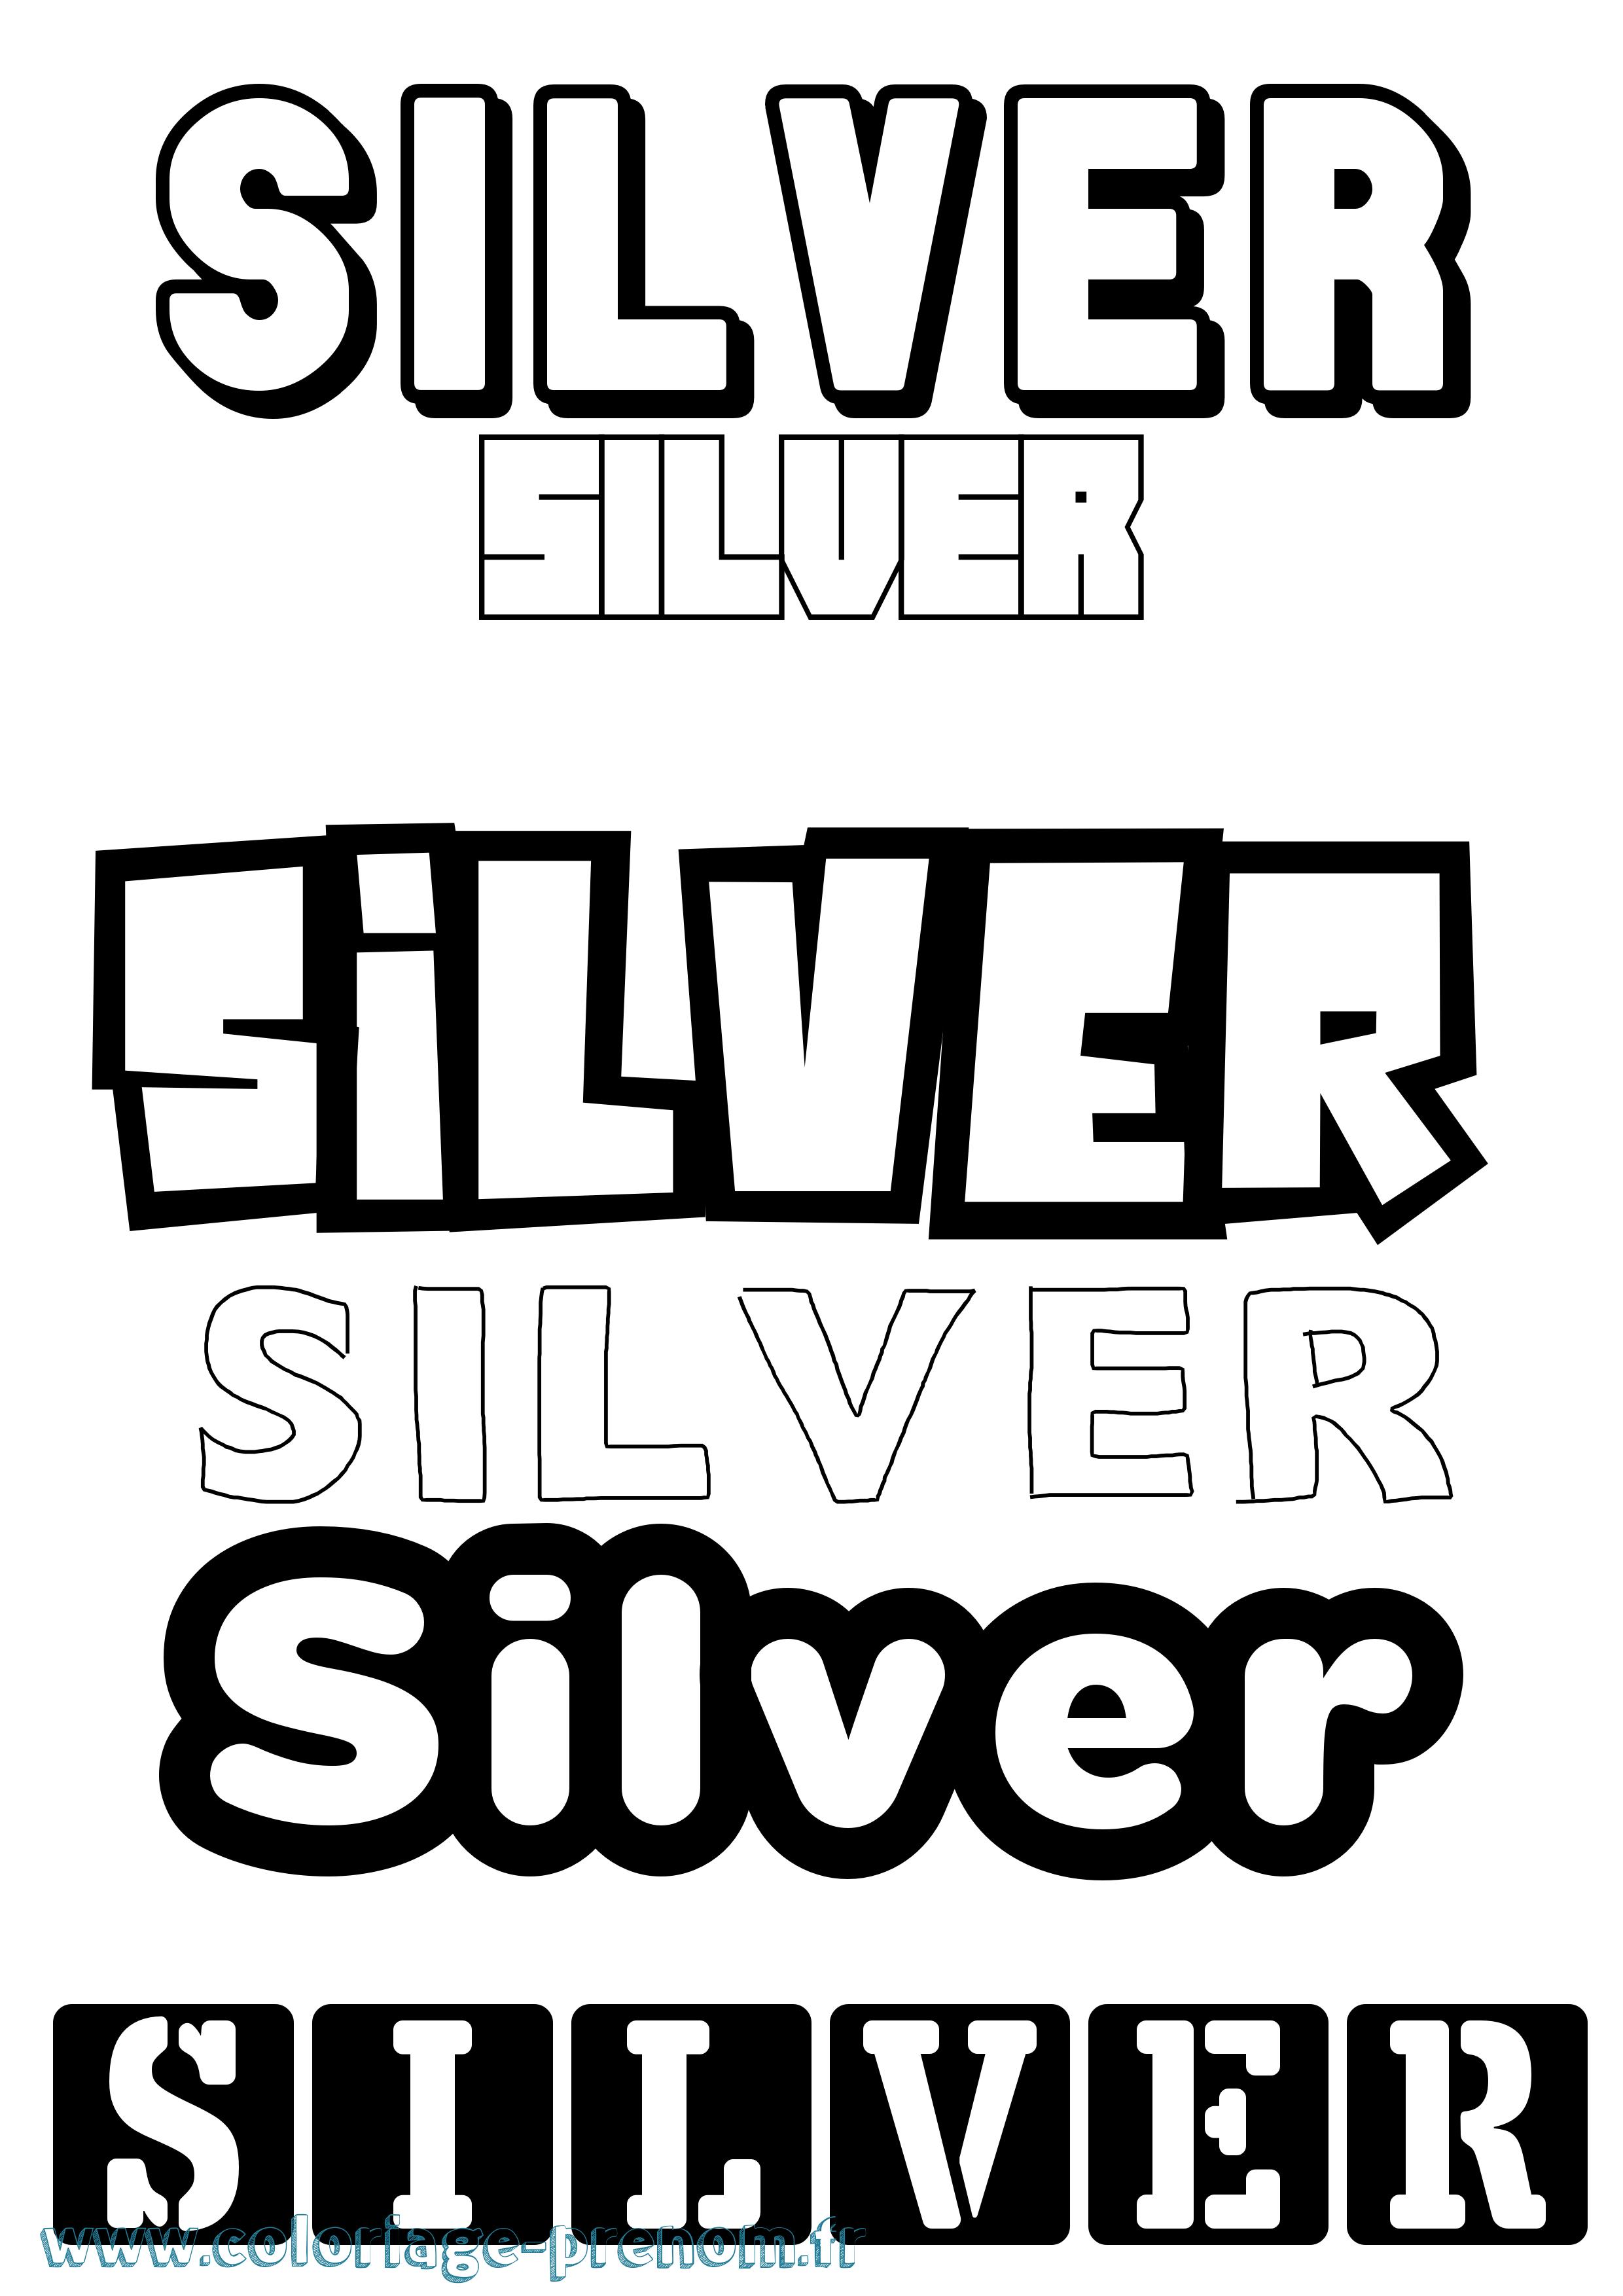 Coloriage du prénom Silver : à Imprimer ou Télécharger ...